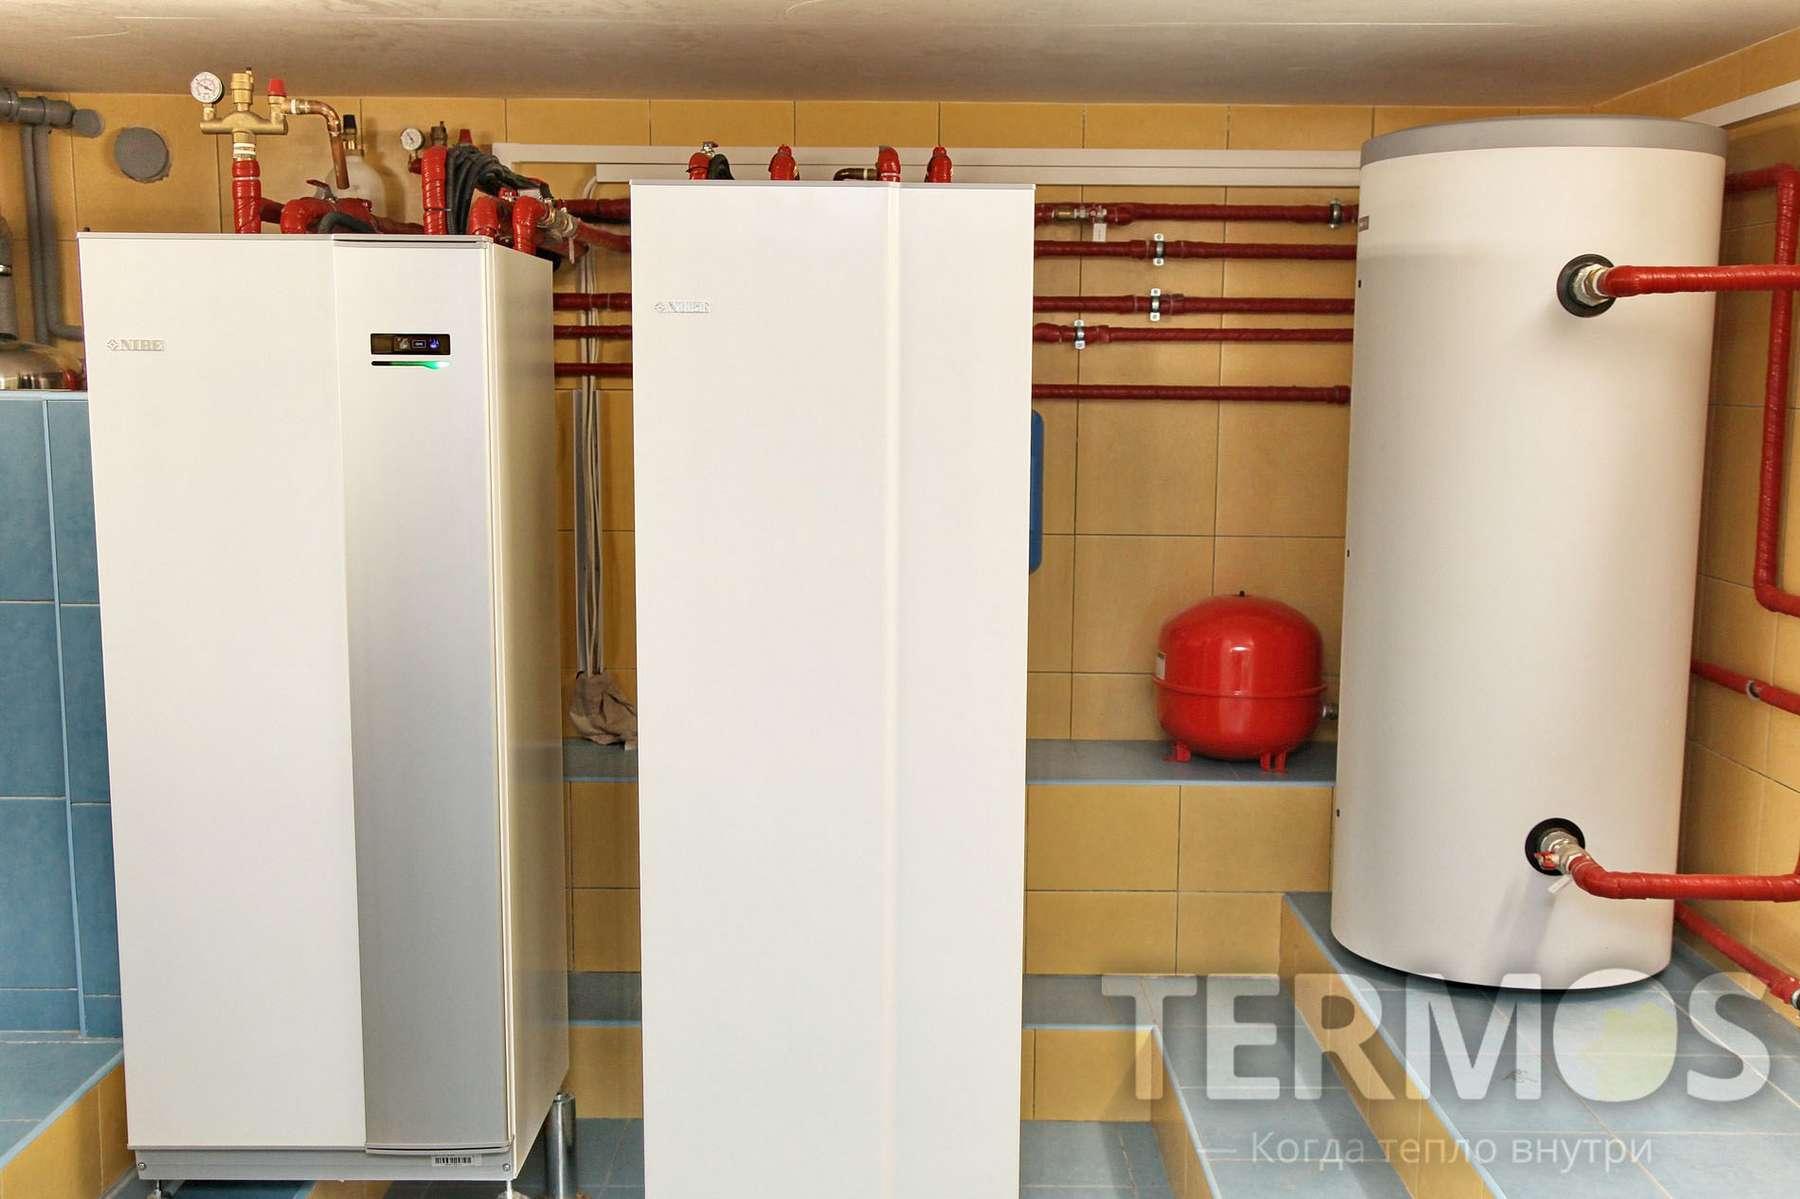 Сумы. Дом 350 кв м. Mодернизация системы отопления - замена газового котла на геотермальный тепловой насос.